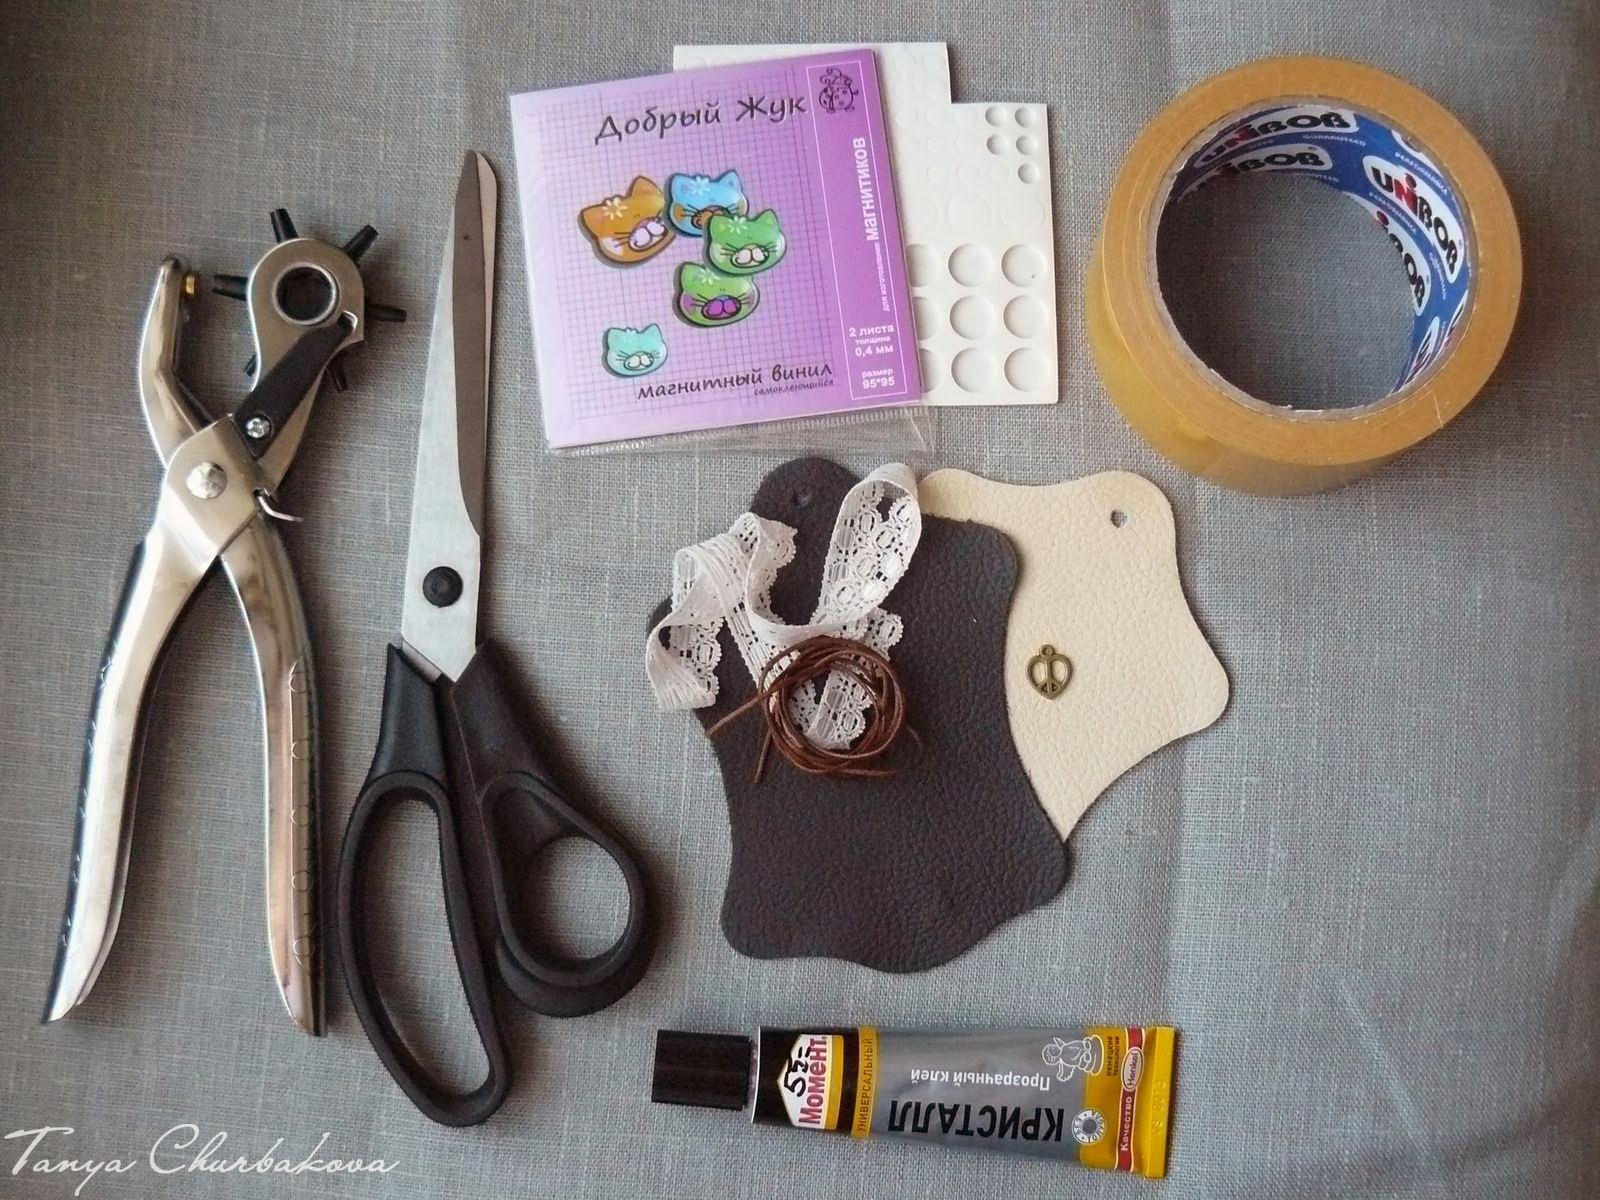 Изготовление магниты сувениры своими руками